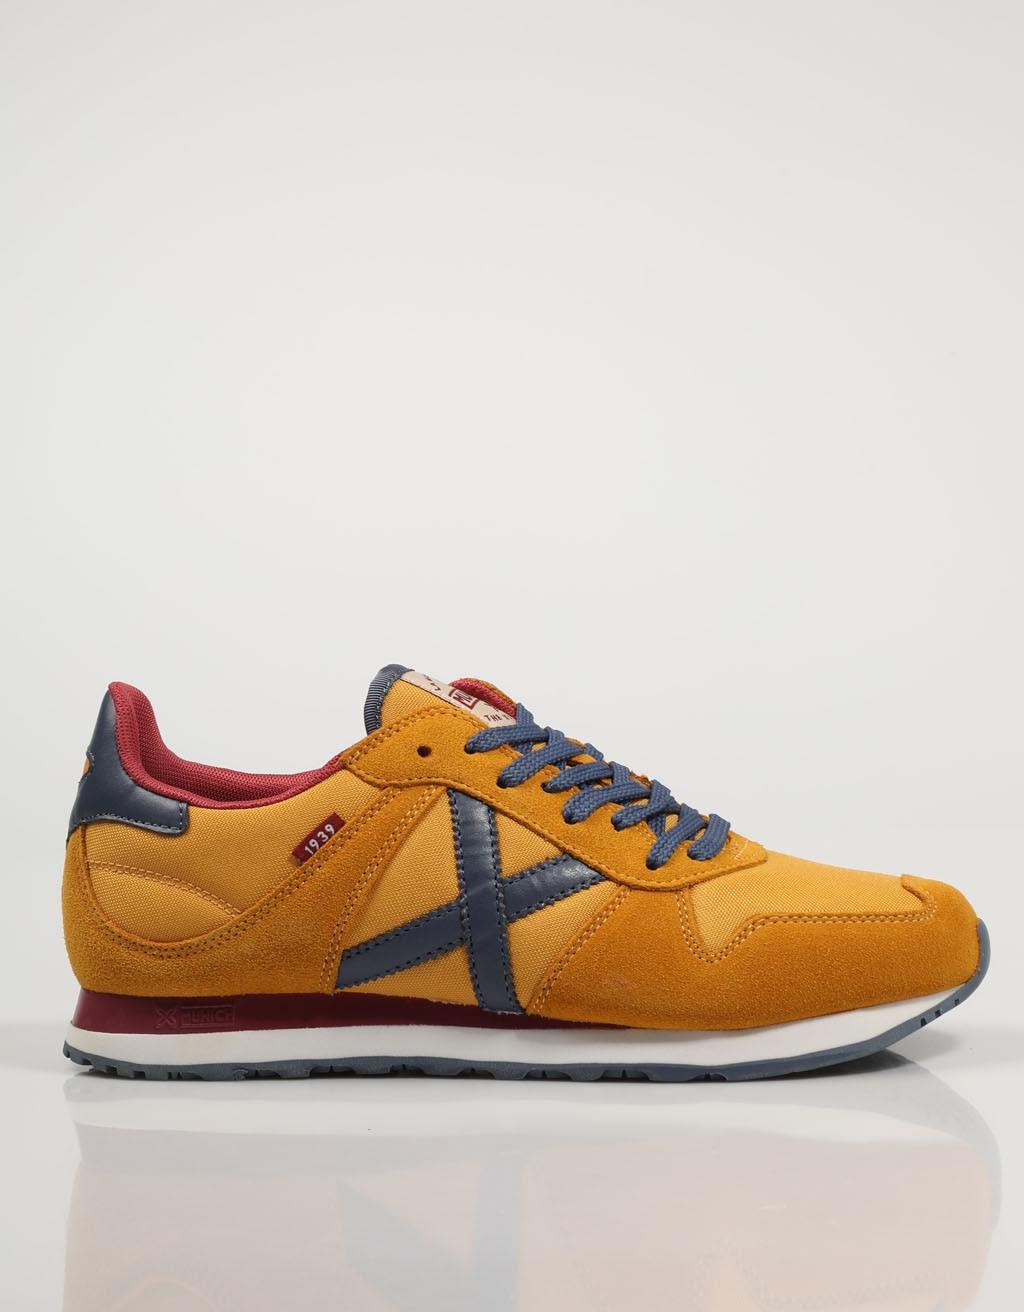 MUNICH ZAPATILLAS MASSANA 435 AMARILLO Amarillo Serraje Hombre – Yellow SNEAKERS Man Shoes Casual Fashion 76188